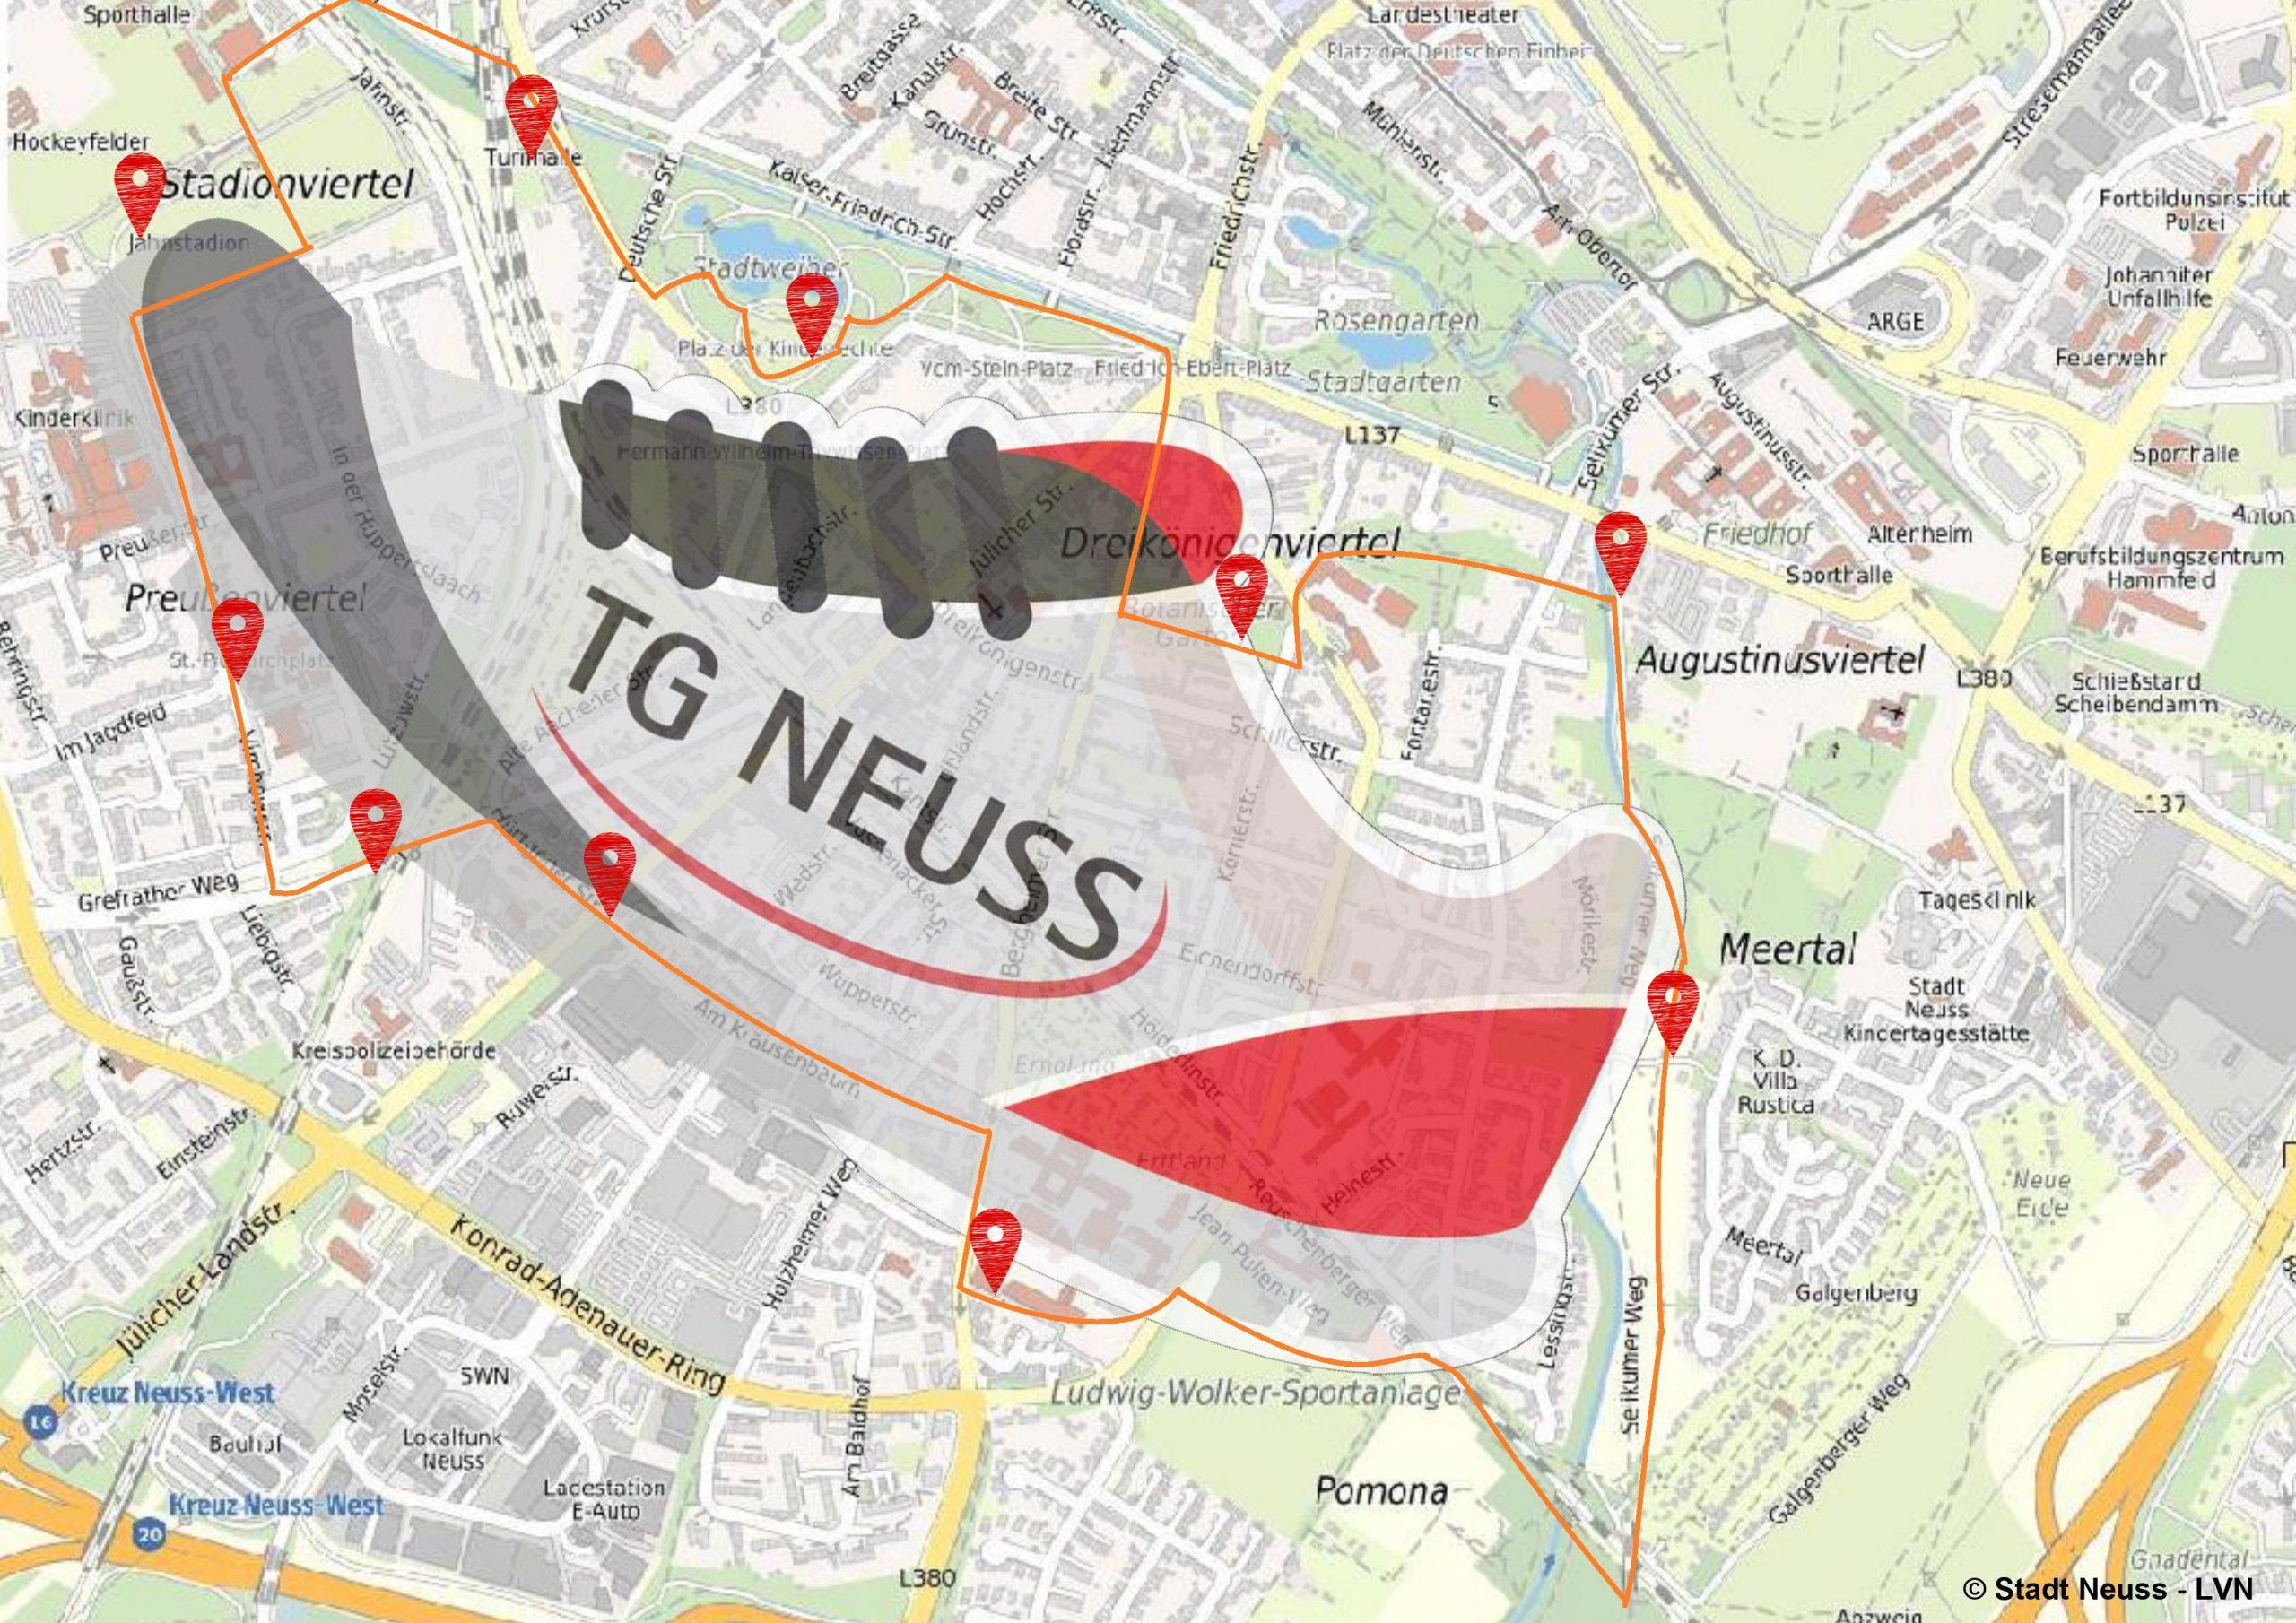 TG Neuss Stadtrallye